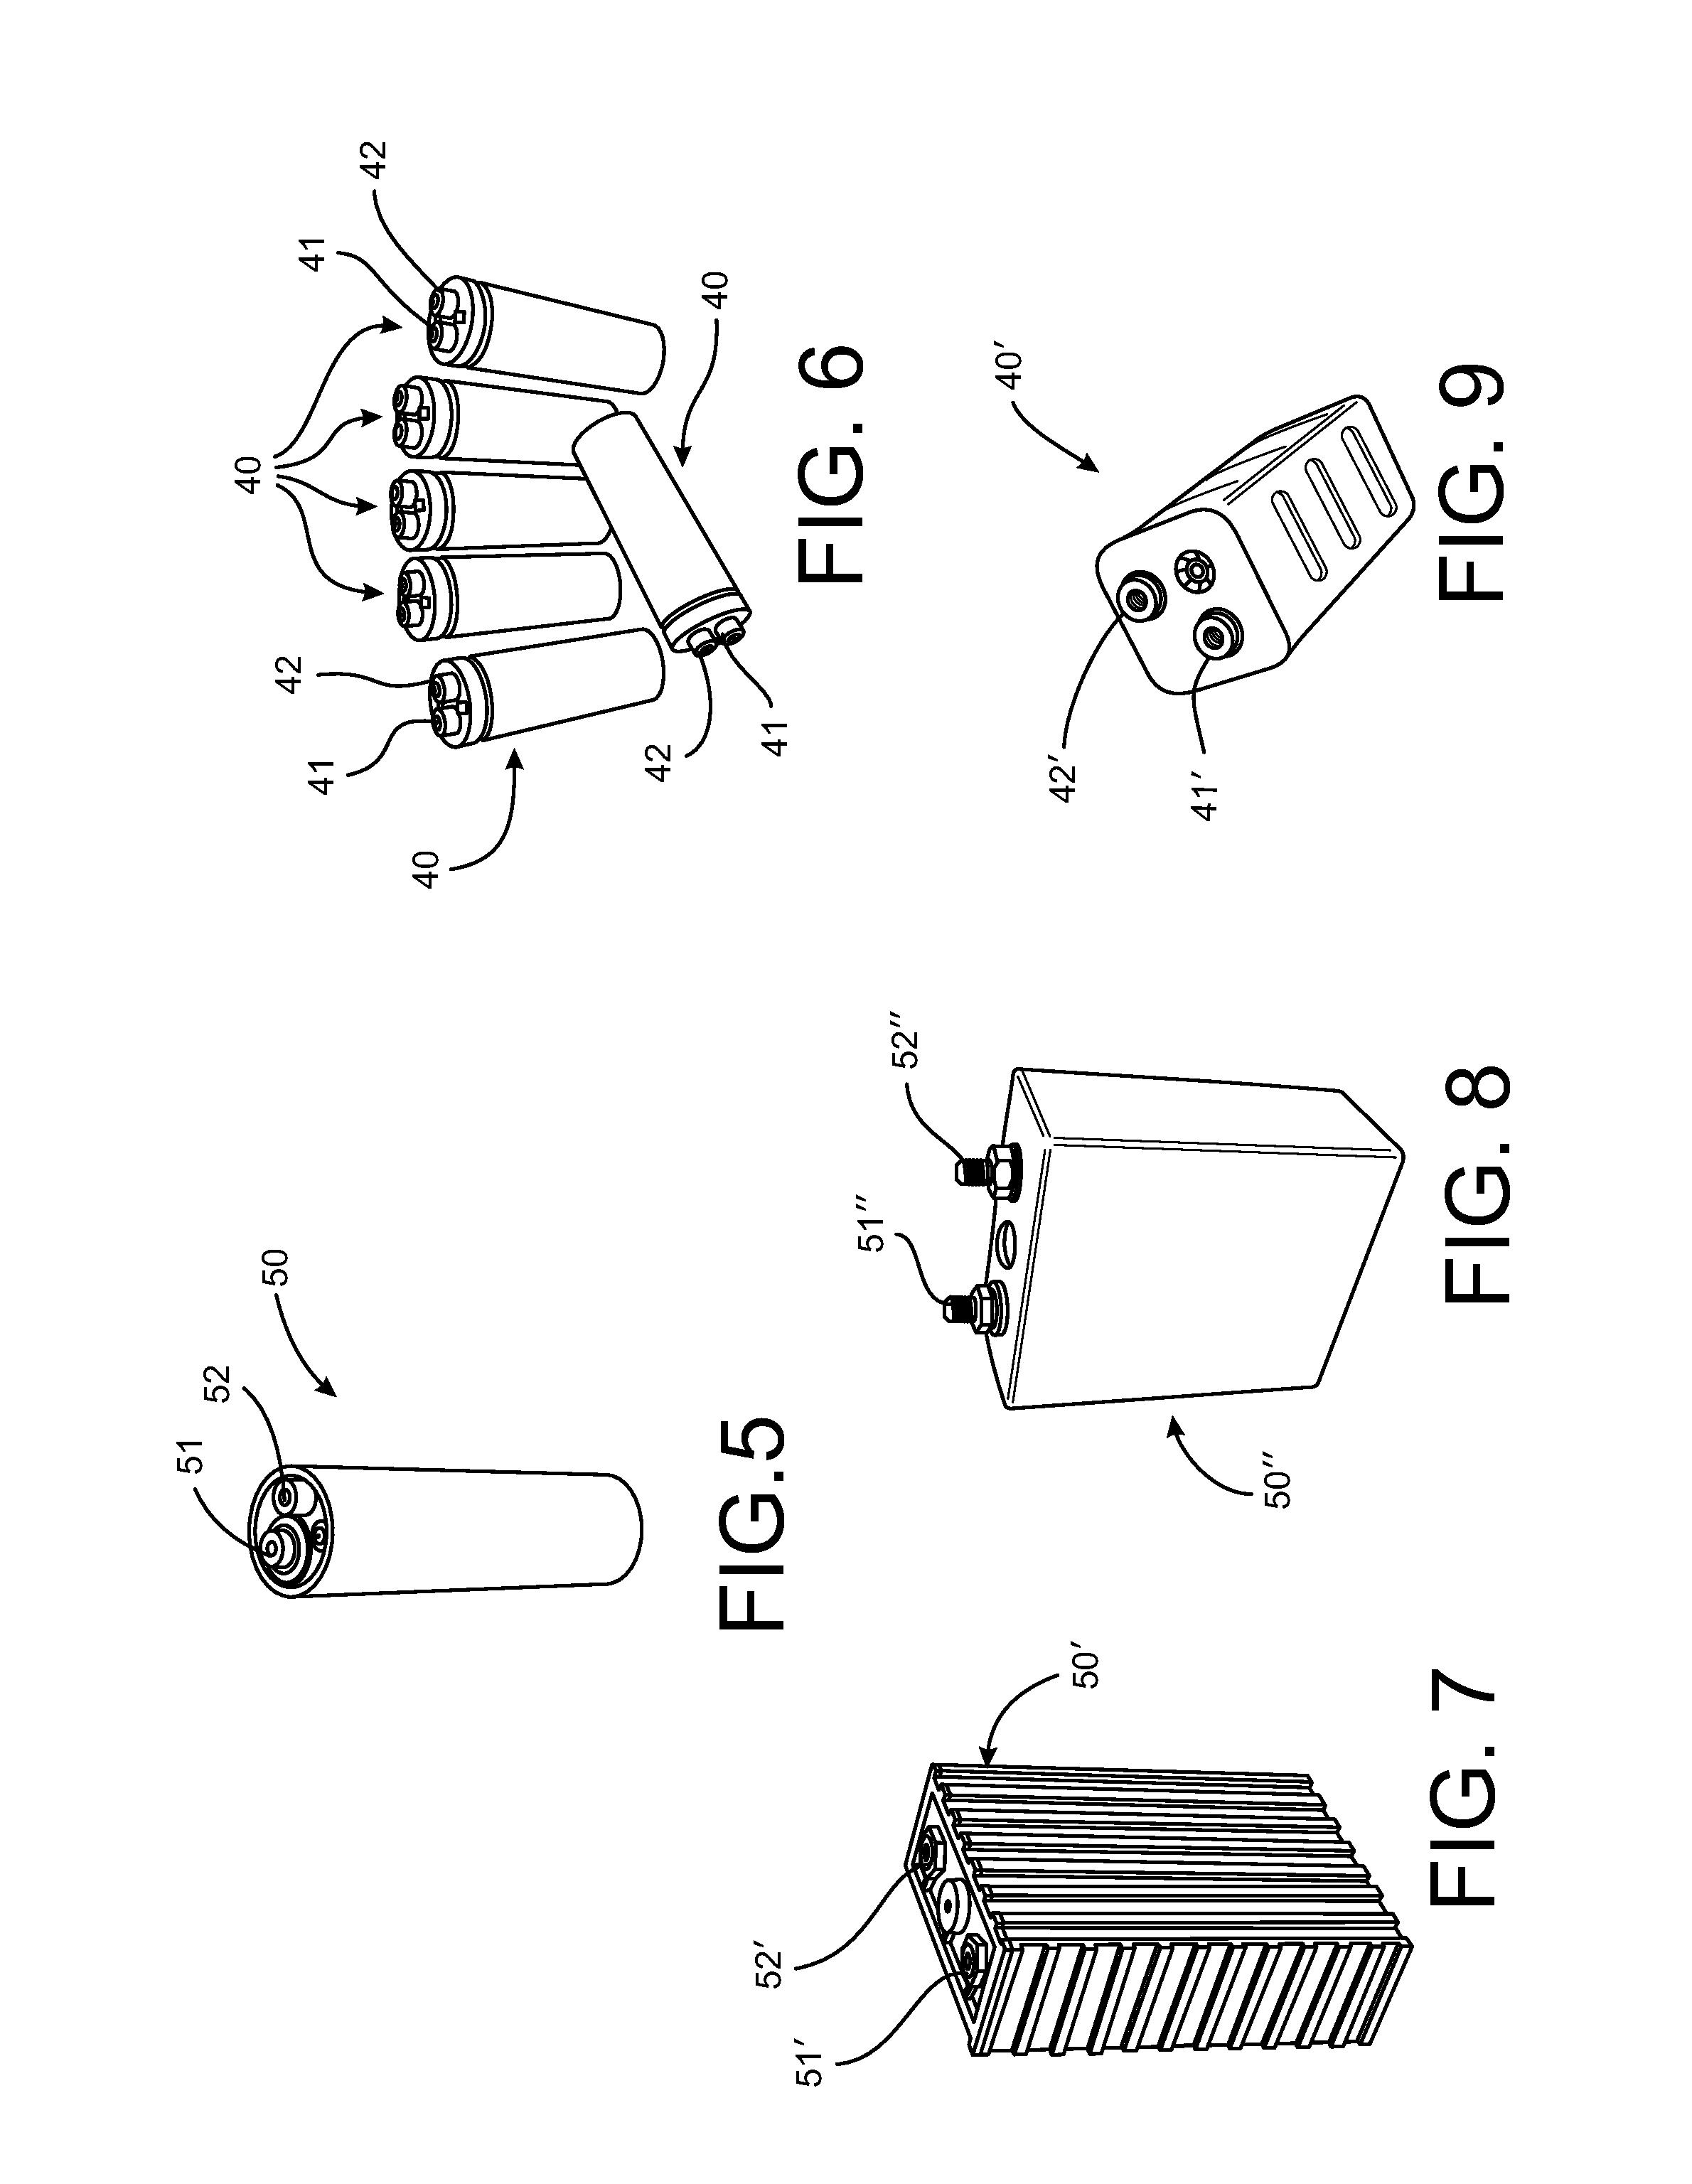 patent us20130260182